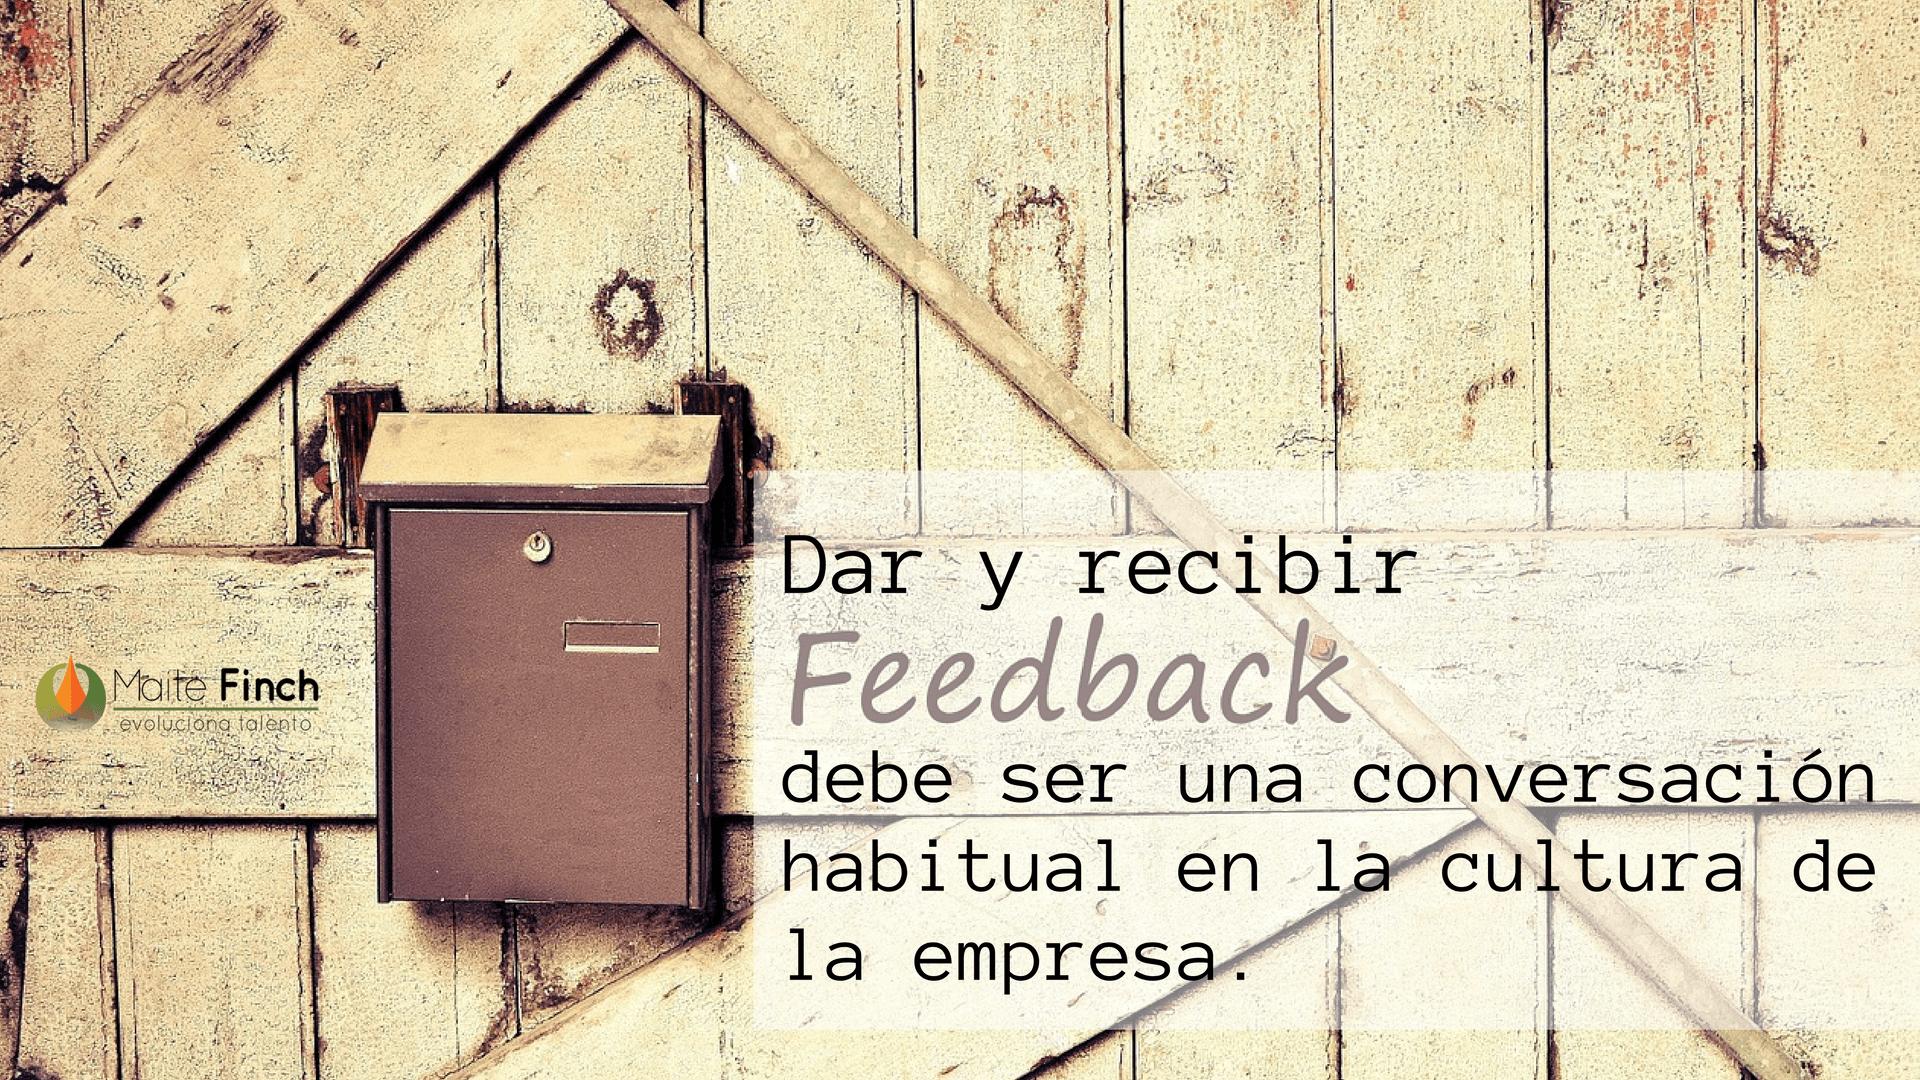 dar y recibir feedback